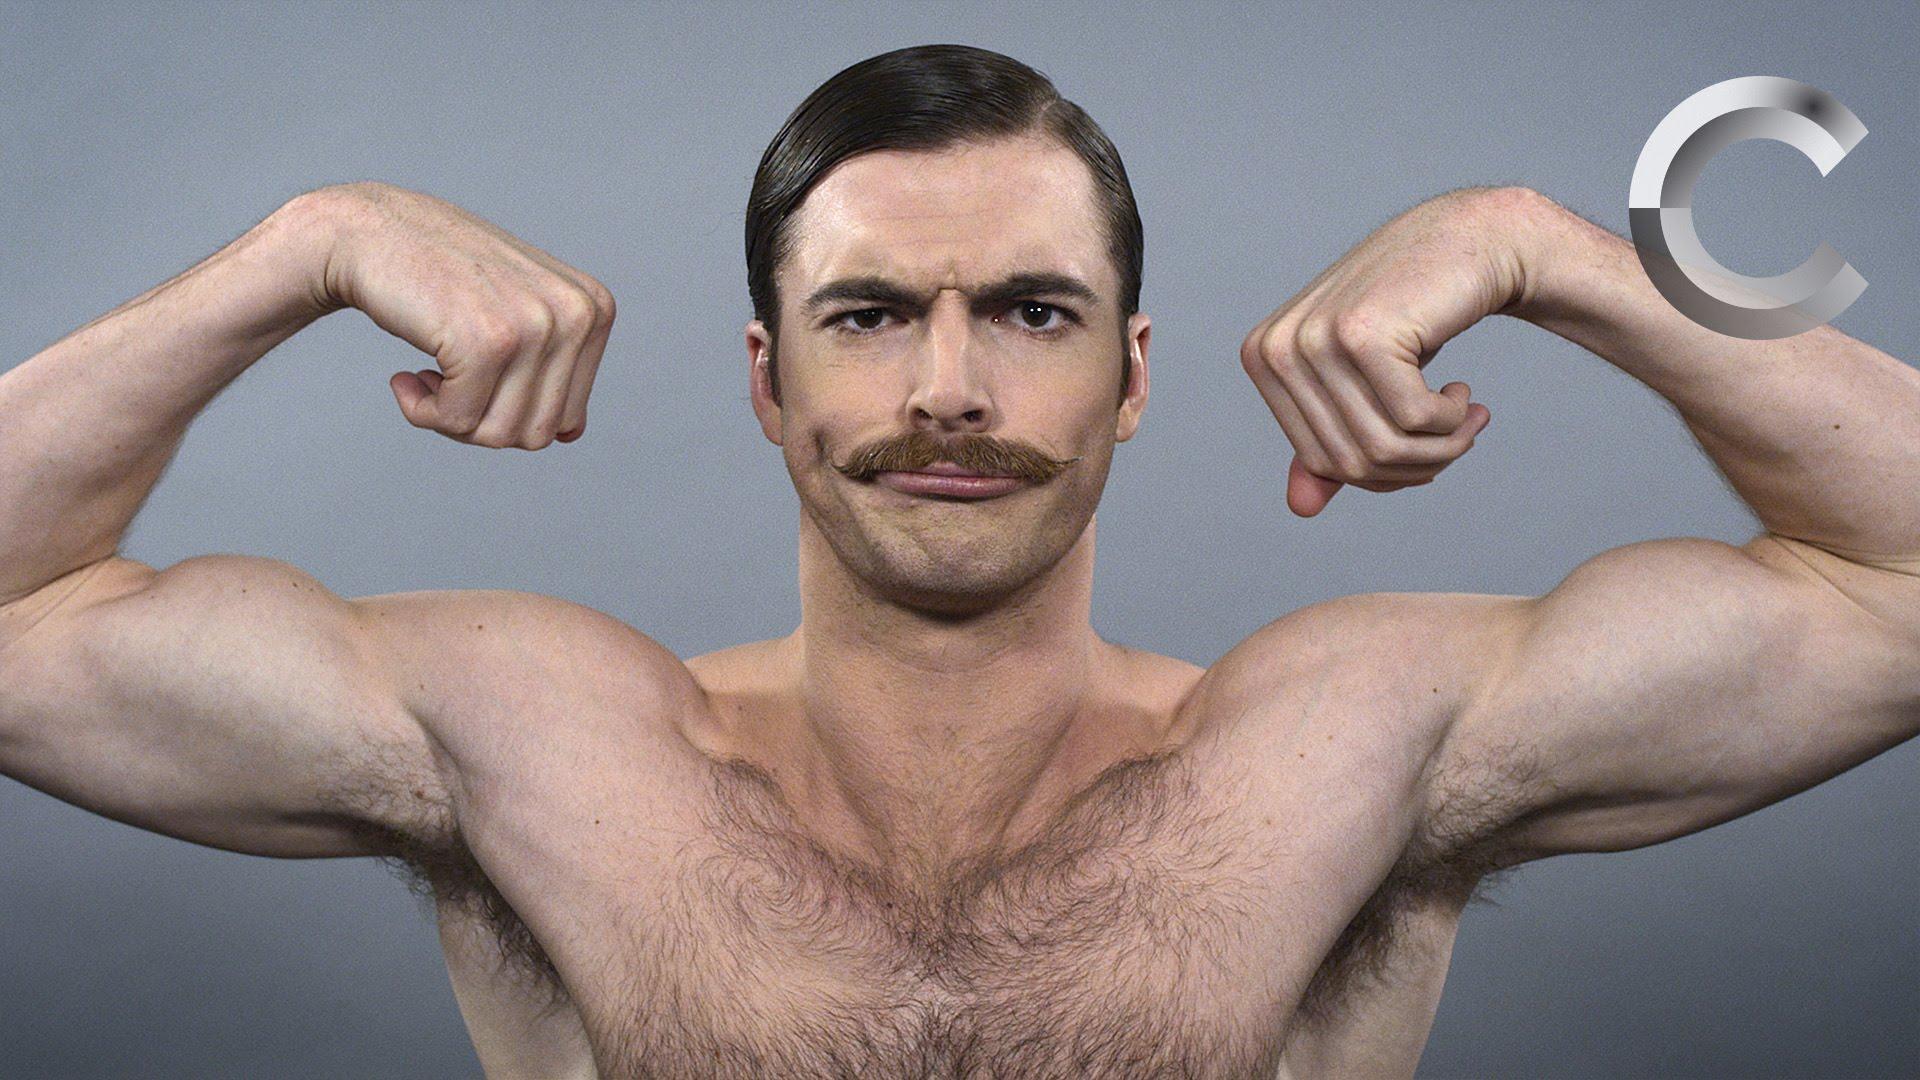 A evolu o do cabelo masculino ao longo de 100 anos Fashion style for 30 year old man